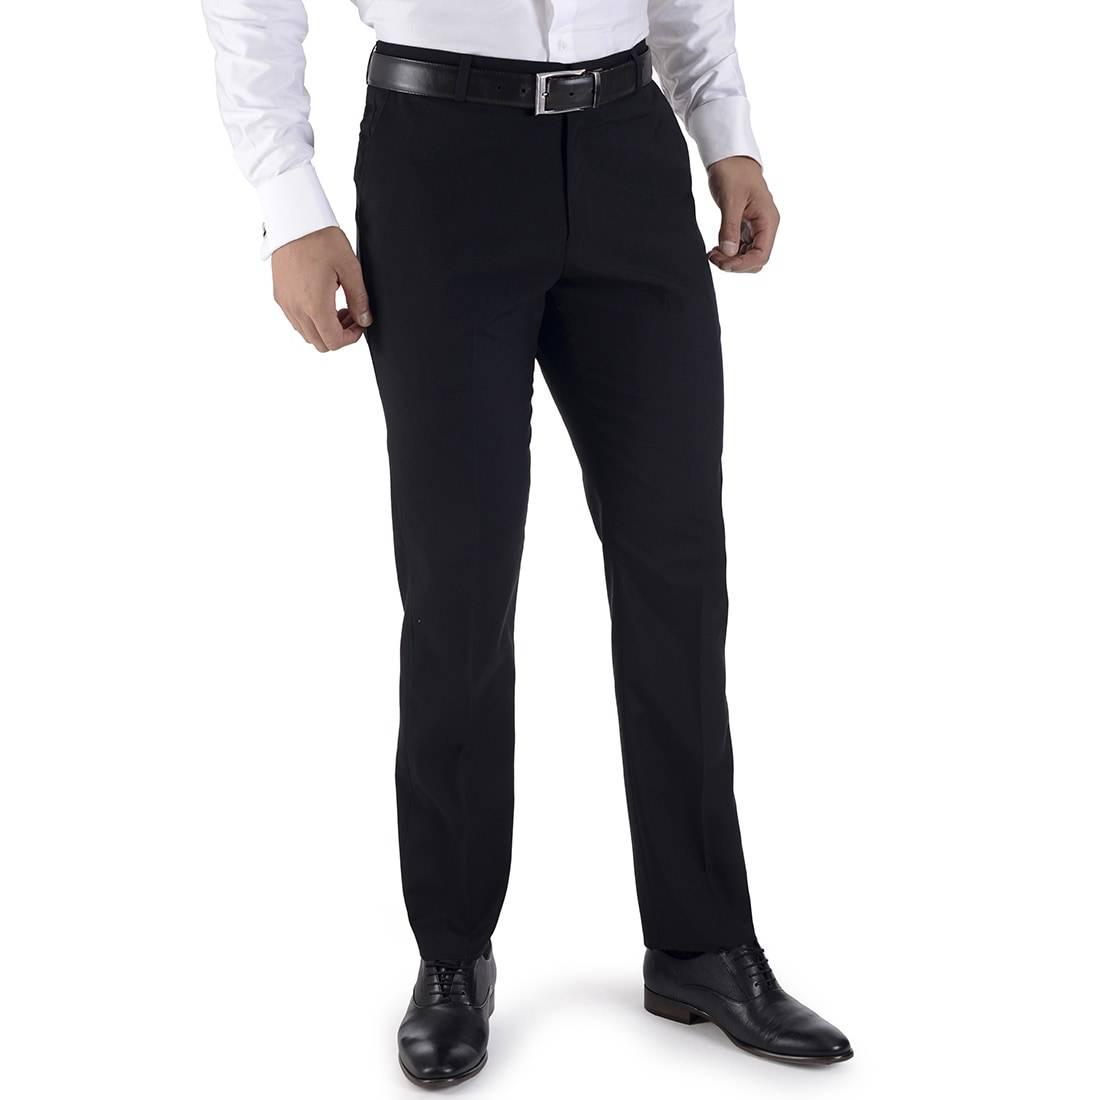 010060034009-01-Pantalon-de-Vestir-sin-Pinzas-Classic-Fit-Negro-yale